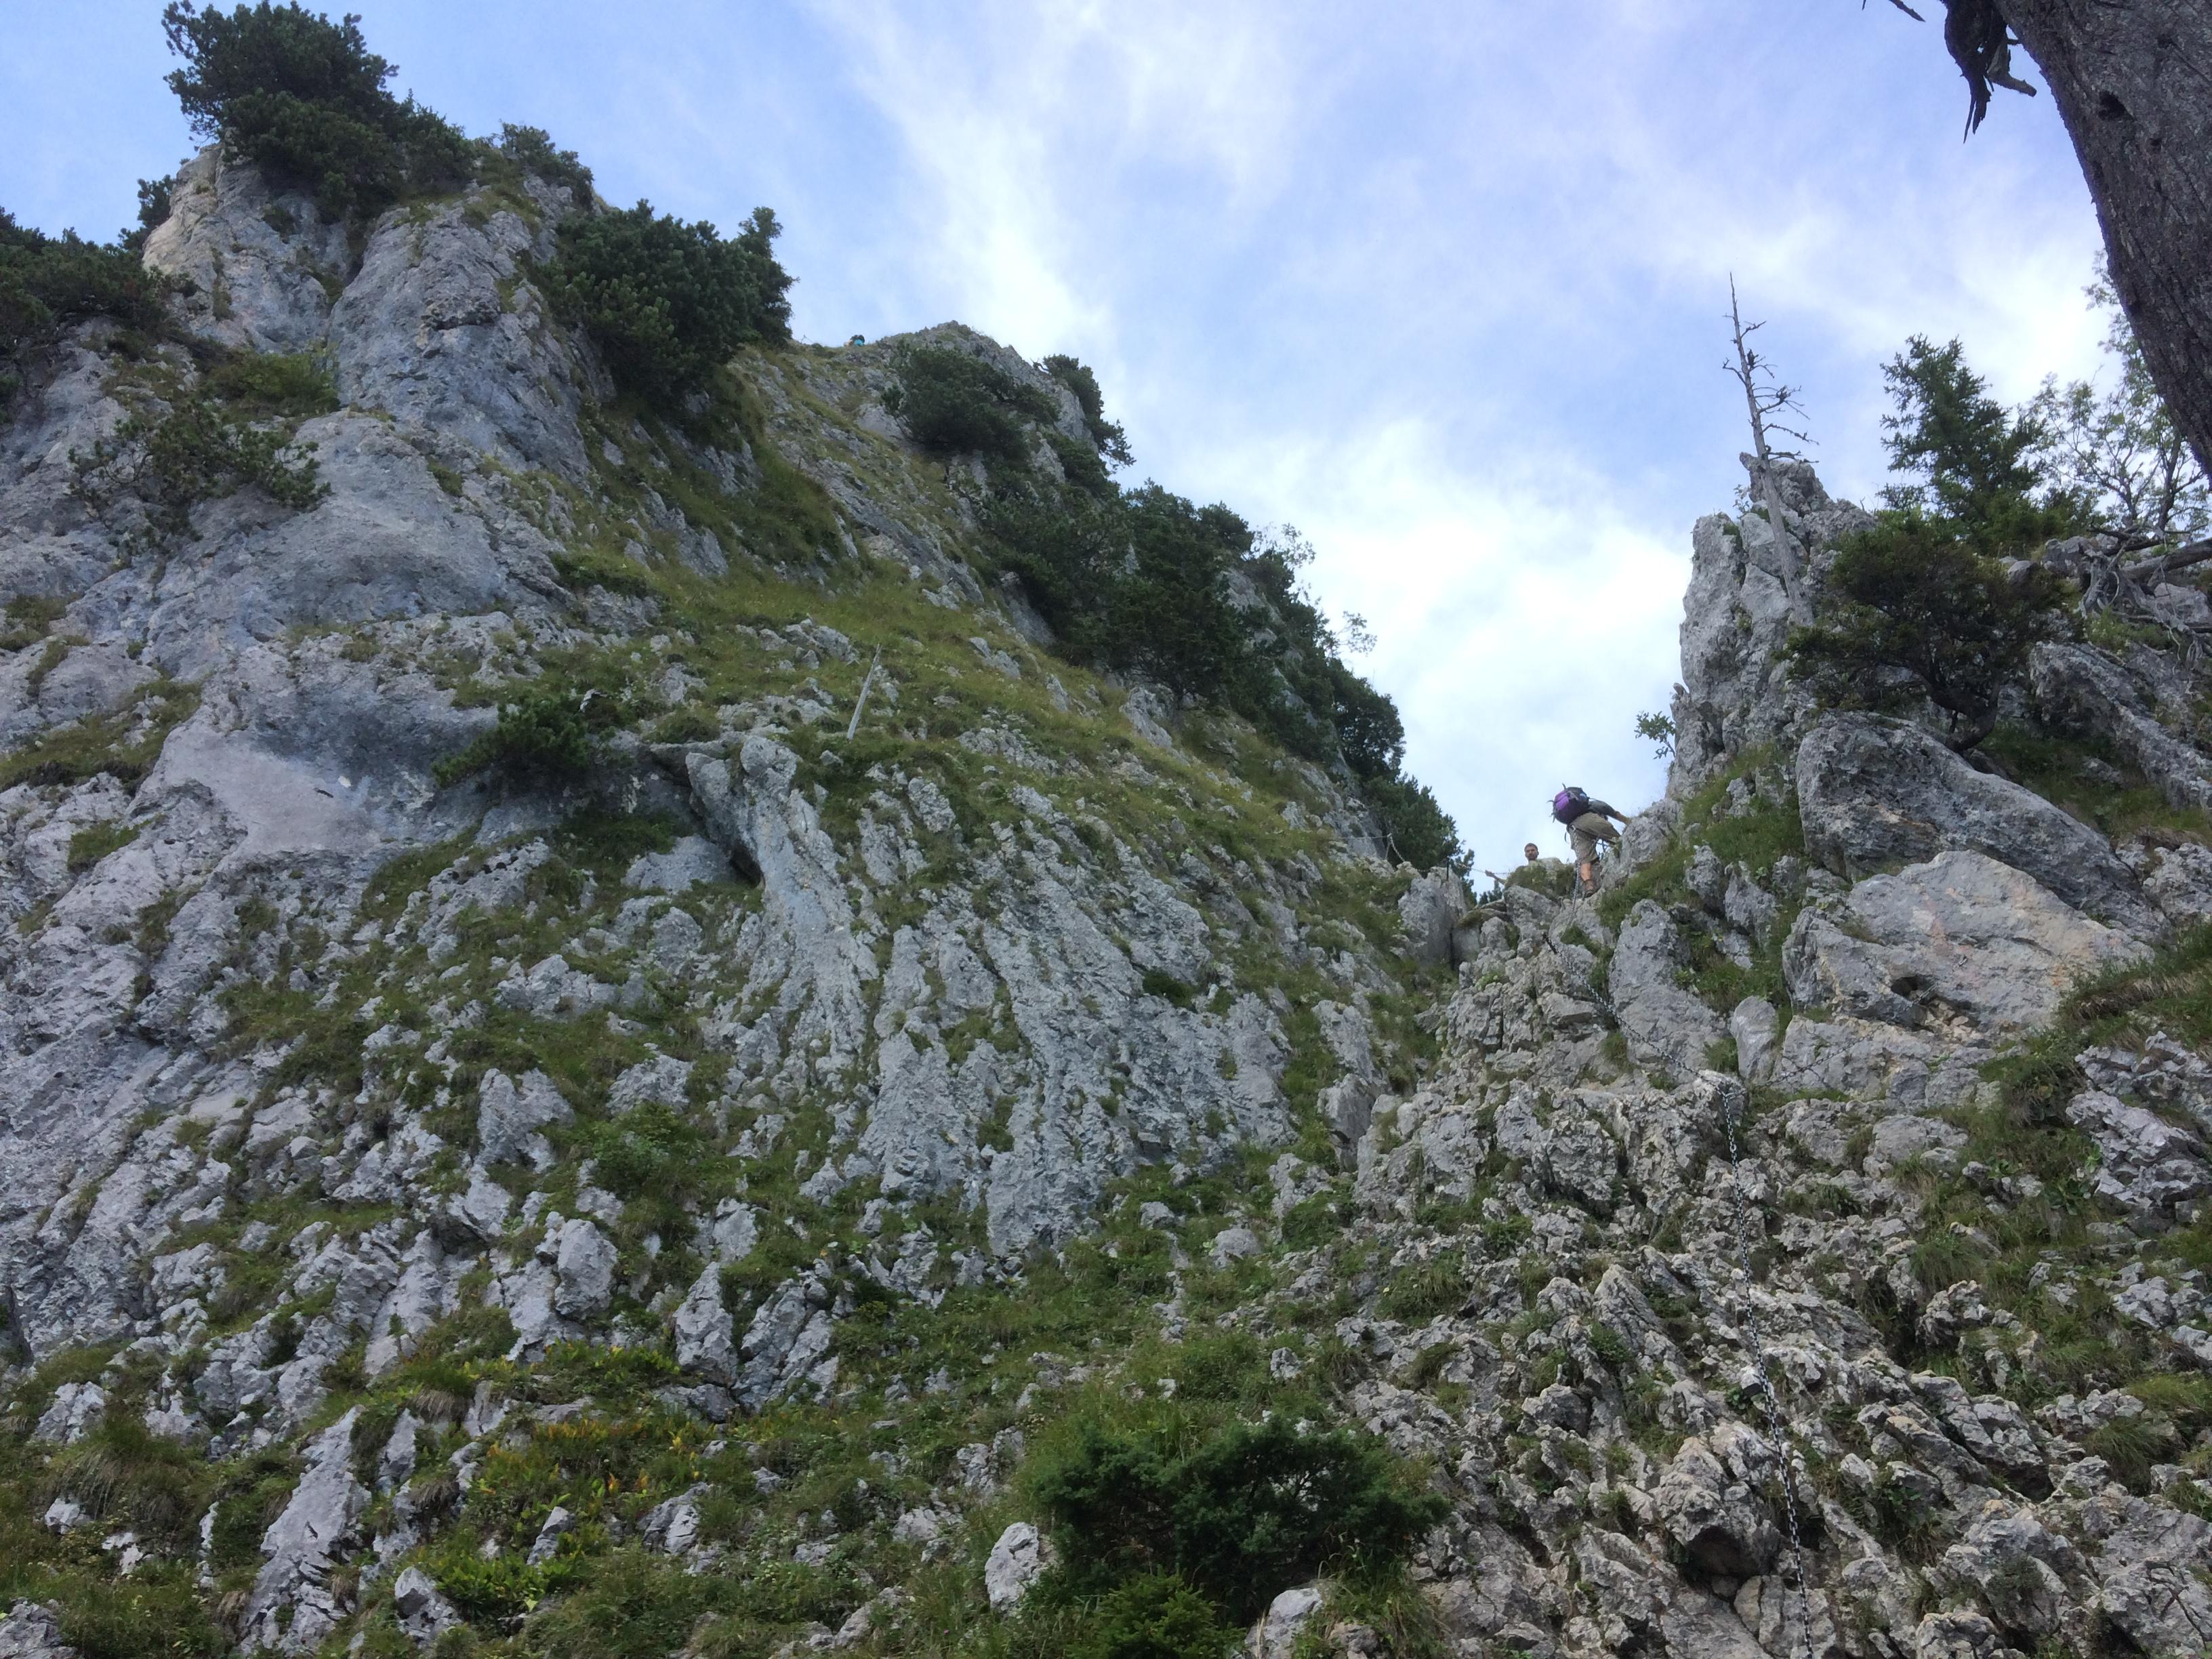 Klettersteig Am Ettaler Mandl : Datei ettaler mandl klettersteig g u wikipedia